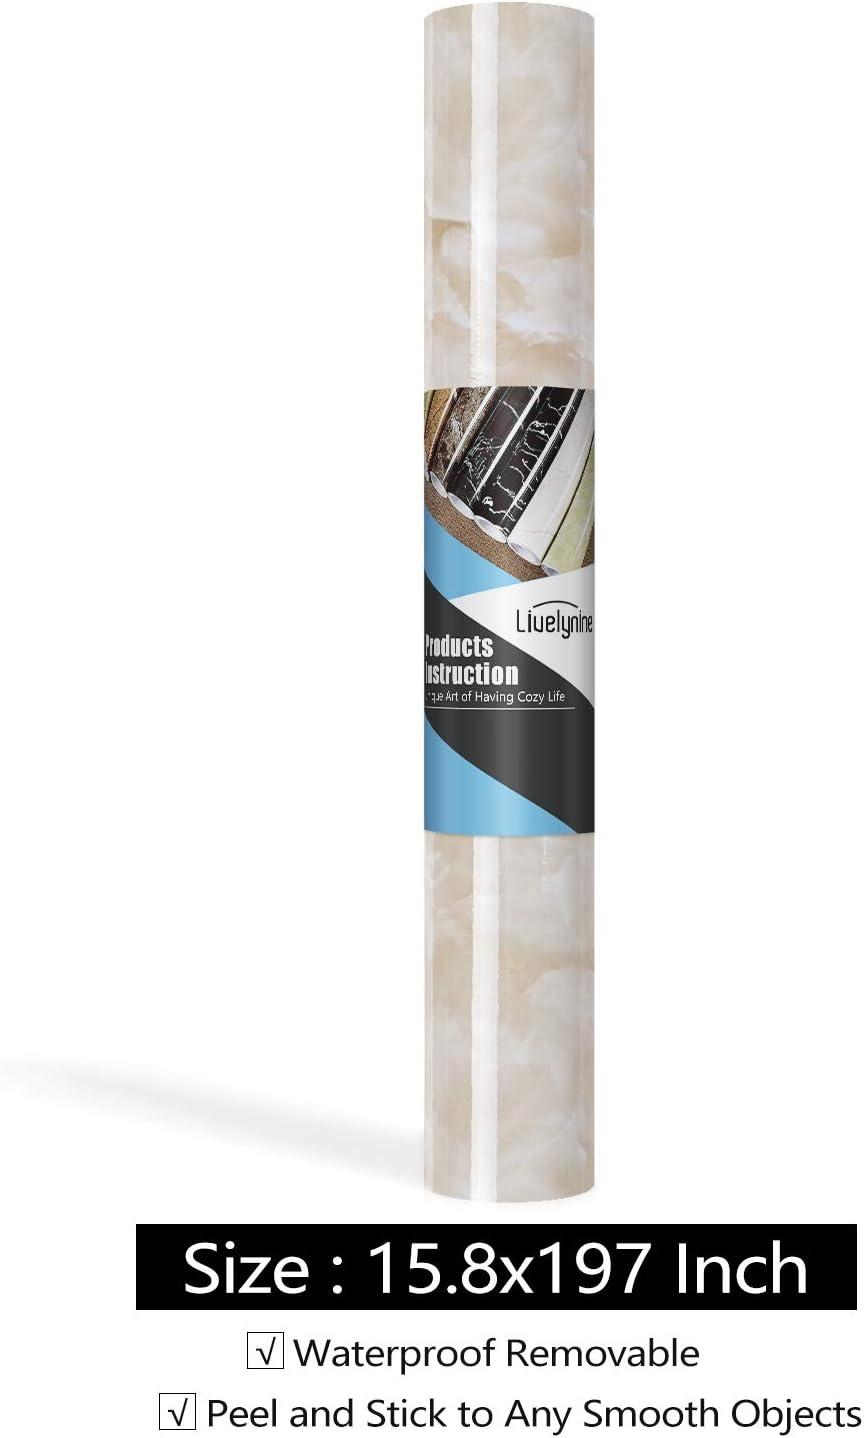 Livelynine Carta Adesiva Marmo per Tavolo Pellicola Adesiva per Mobili Cucina Marmo Carta Adesiva Paraschizzi Parete Cucina Piano Lavoro Cucina Laminato Carta da Parati Lavabile Autoadesiva 40CMx2M